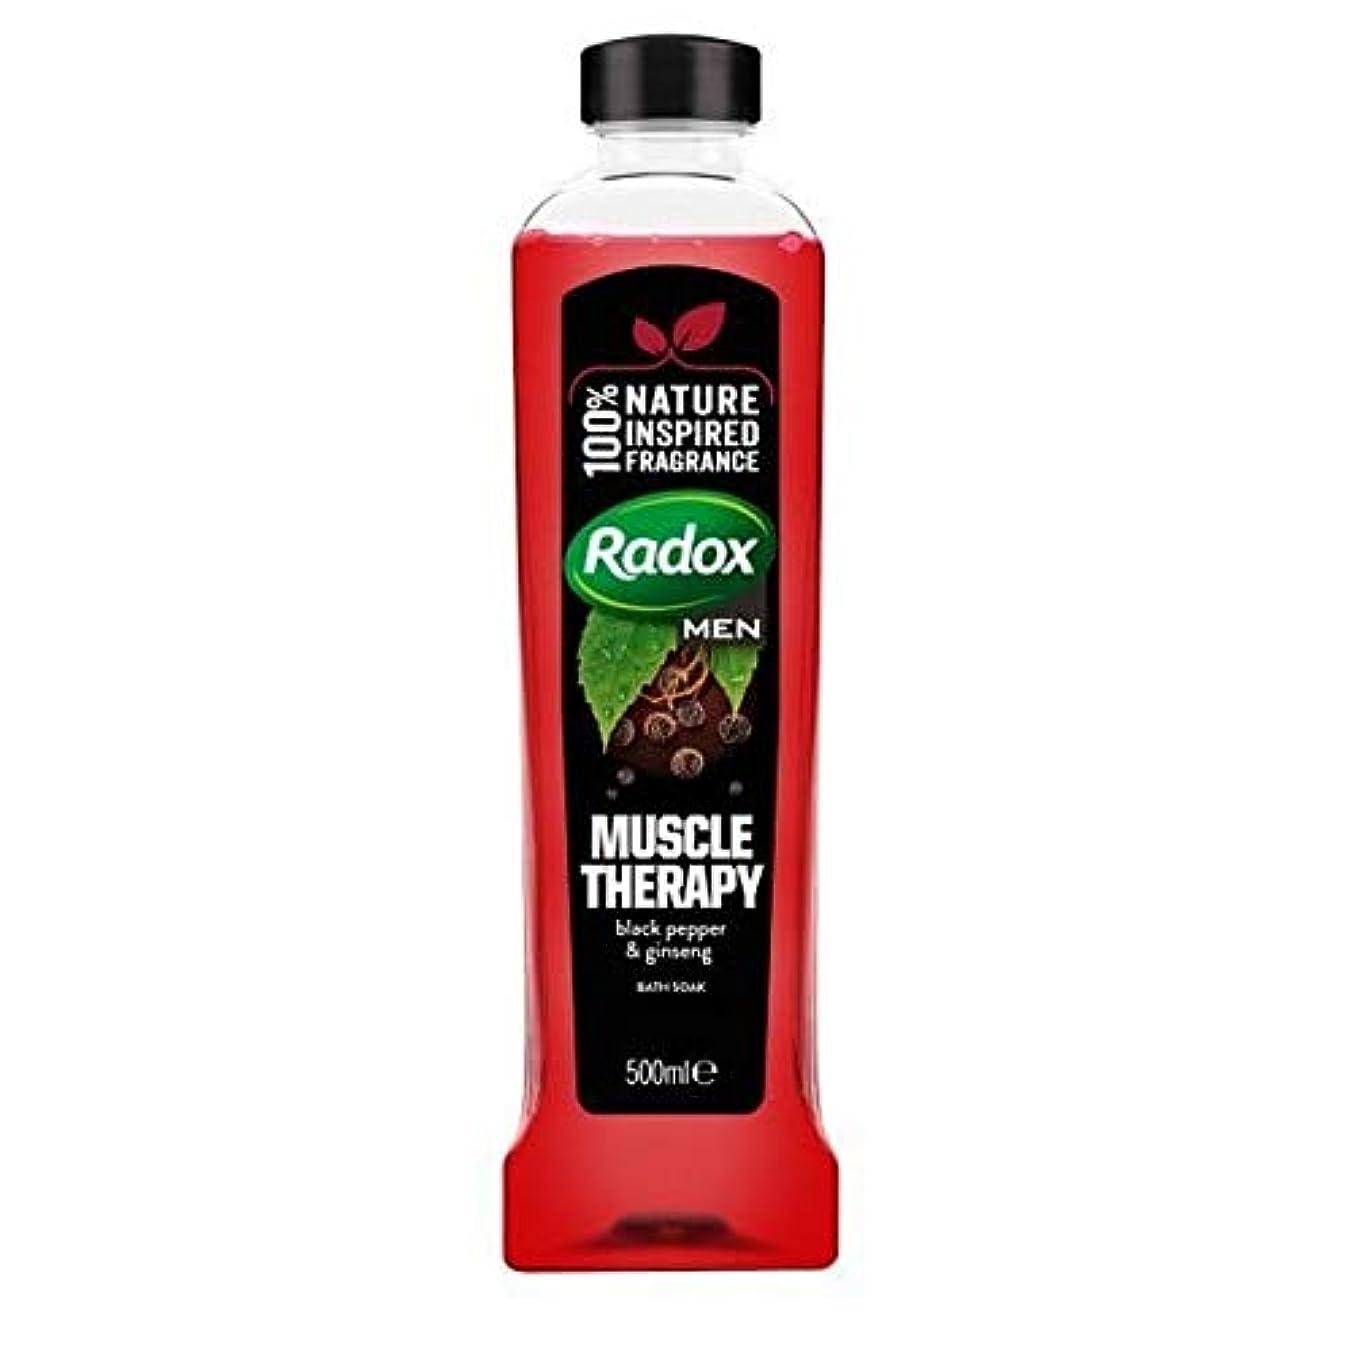 漏斗定期的に必要とする[Radox] Radoxは、500ミリリットルのソーク良い香り筋肉の治療風呂を感じます - Radox Feel Good Fragrance Muscle Therapy Bath Soak 500ml [並行輸入品]